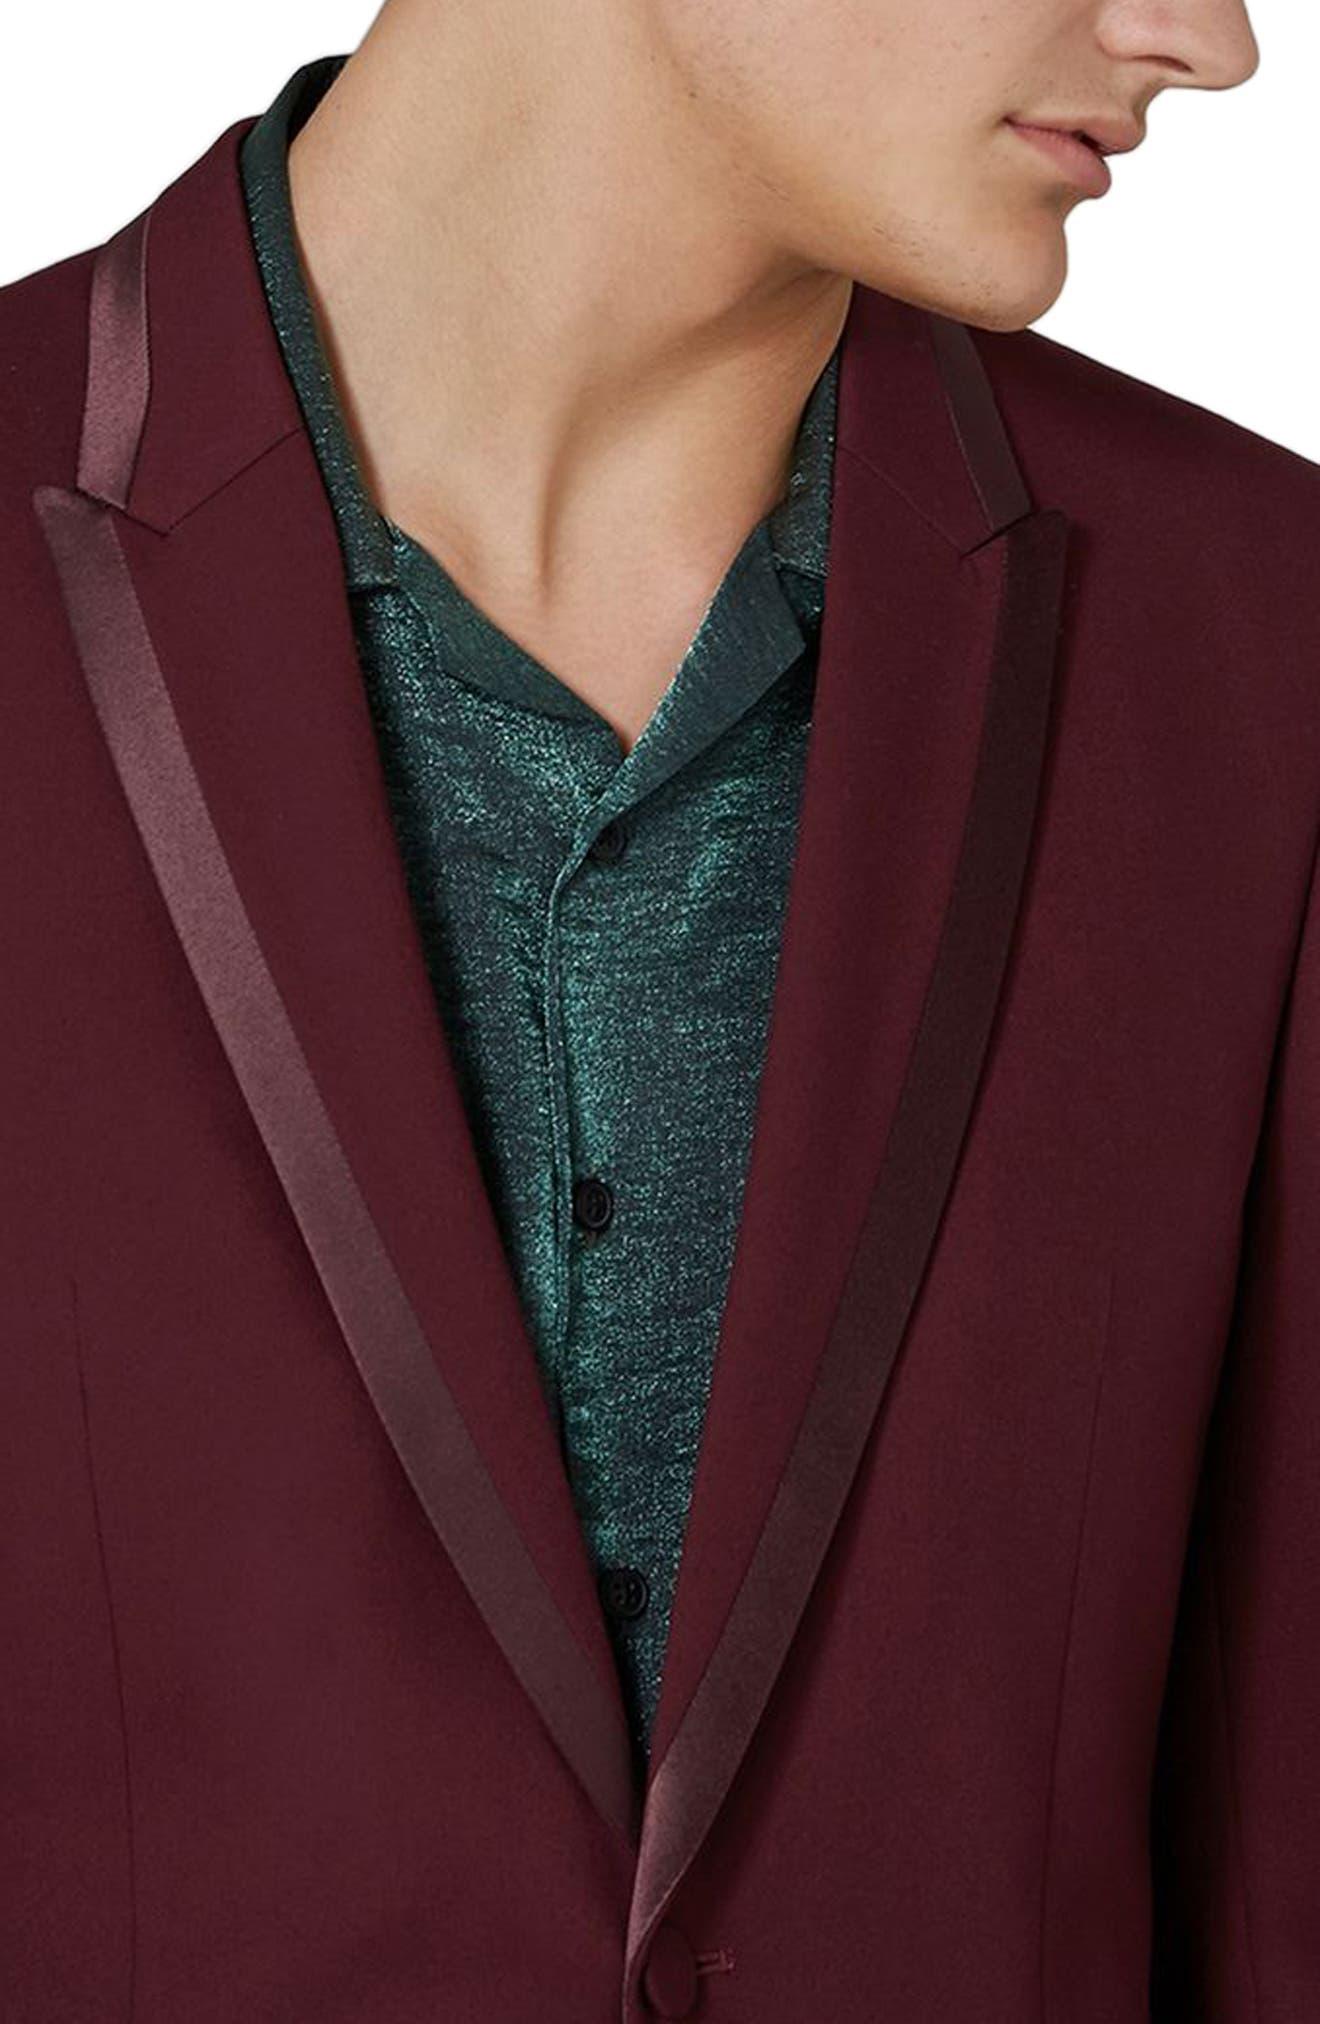 Skinny Fit Burgundy Tuxedo Jacket,                             Alternate thumbnail 4, color,                             Burgundy